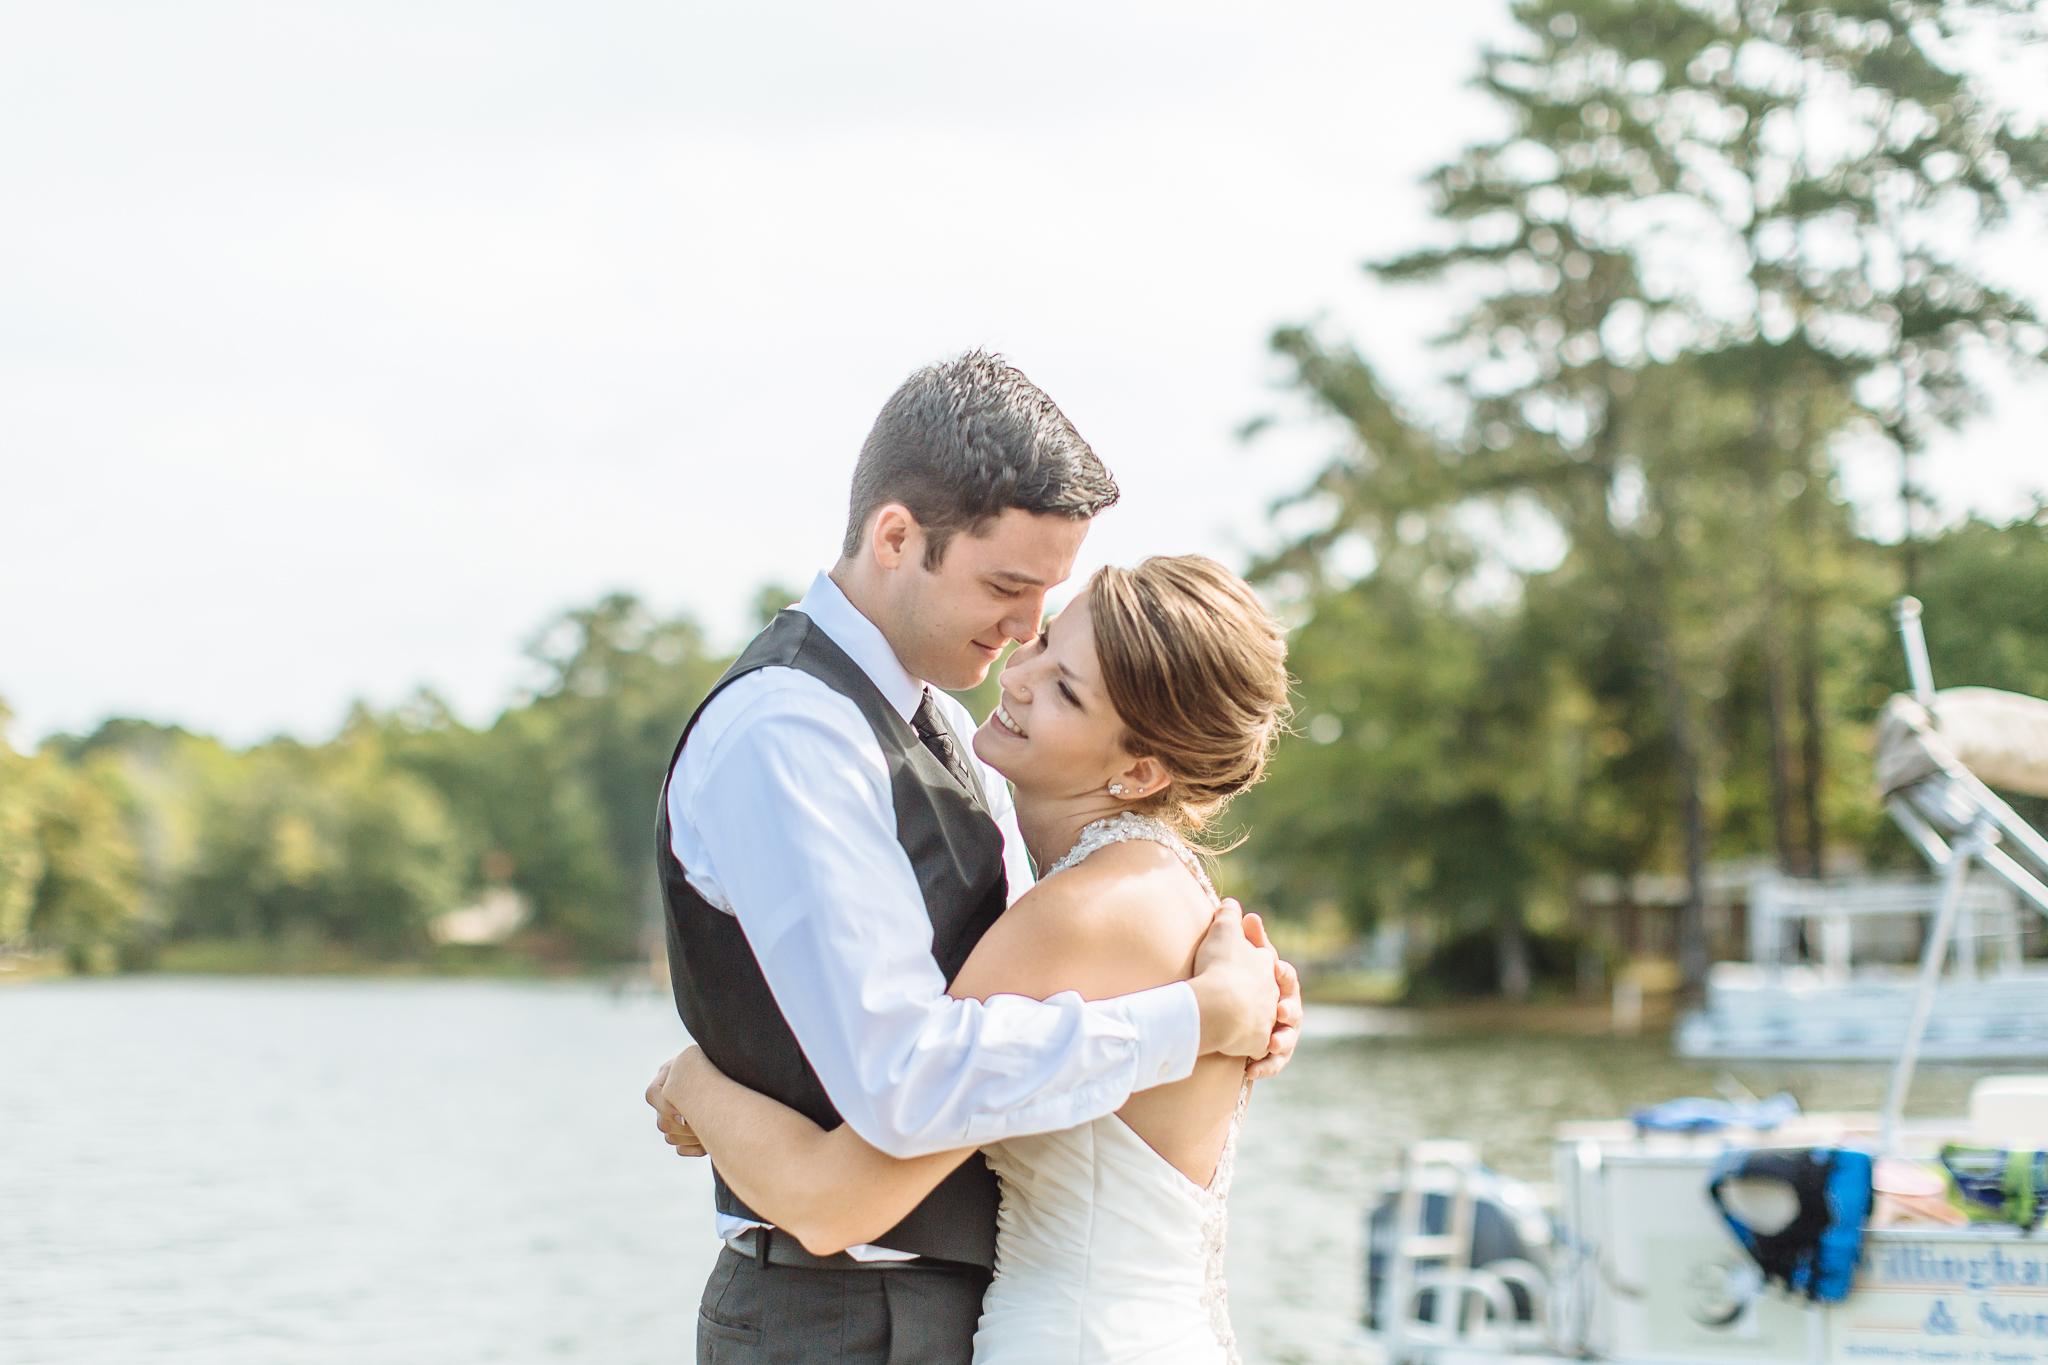 lexington_south_carolina_wedding_photographer_lake_sunflowers_image-52.jpg